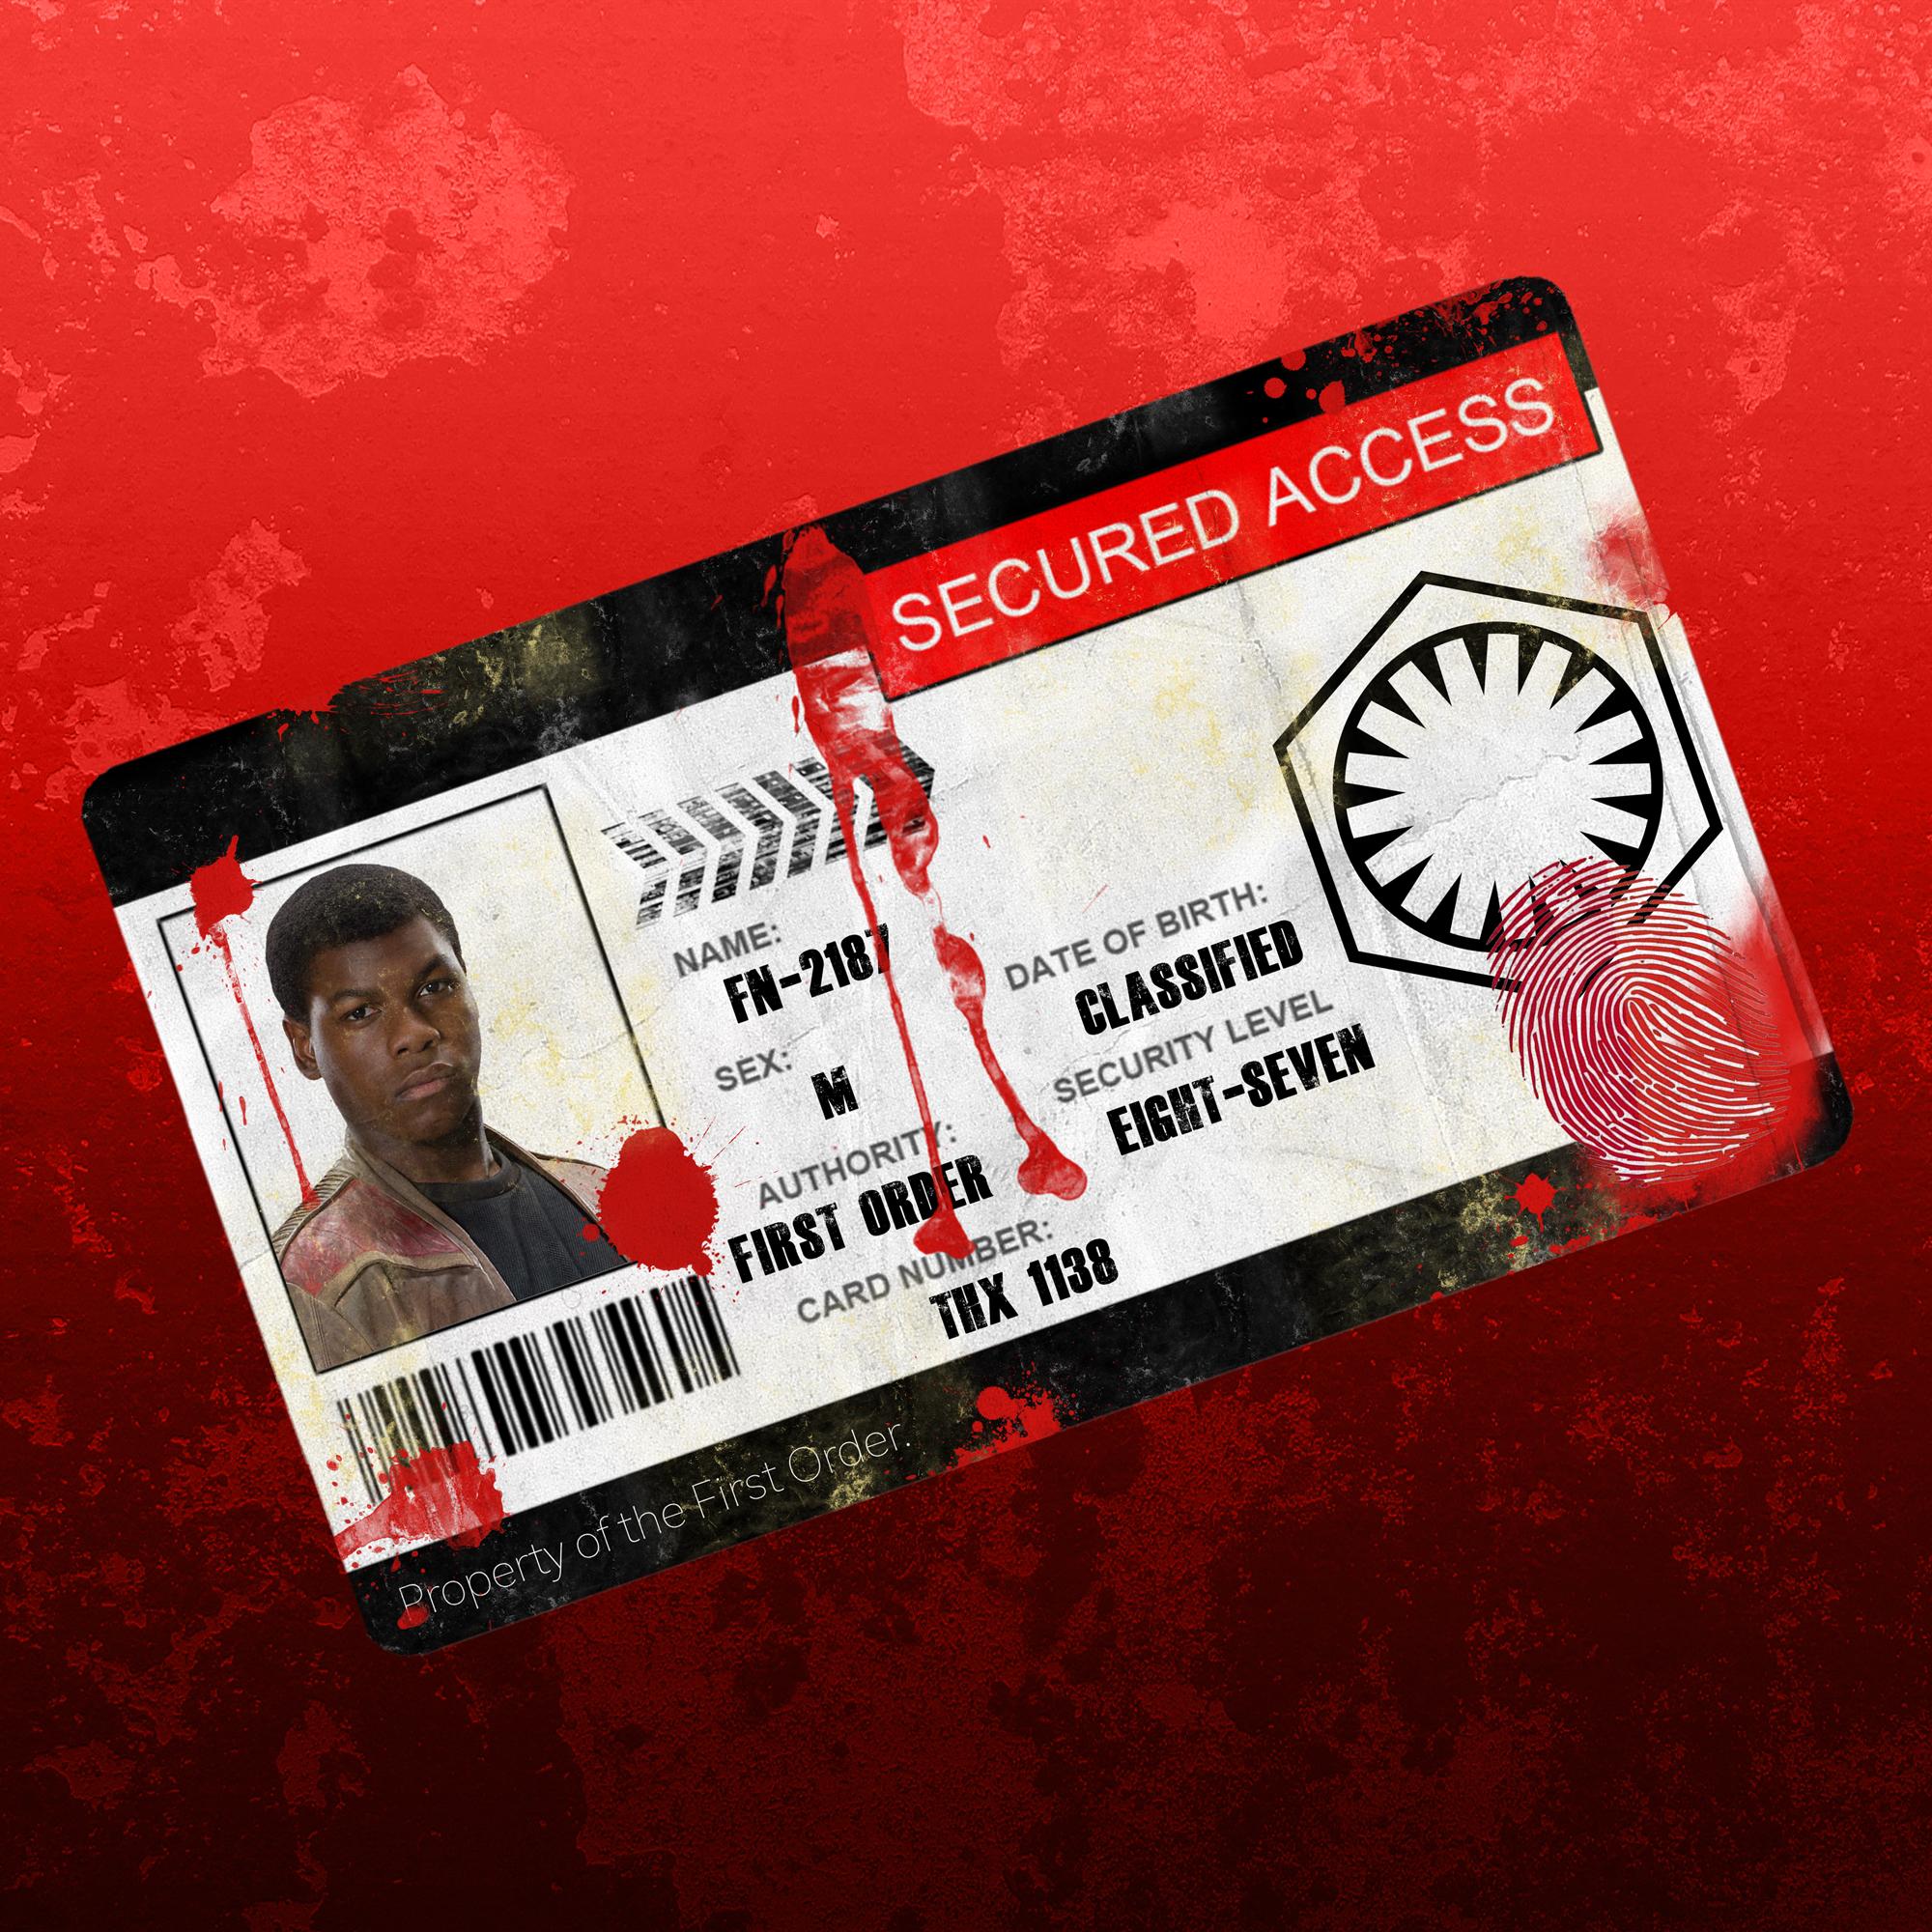 Star Wars ID Card - Created by Rek Dunn